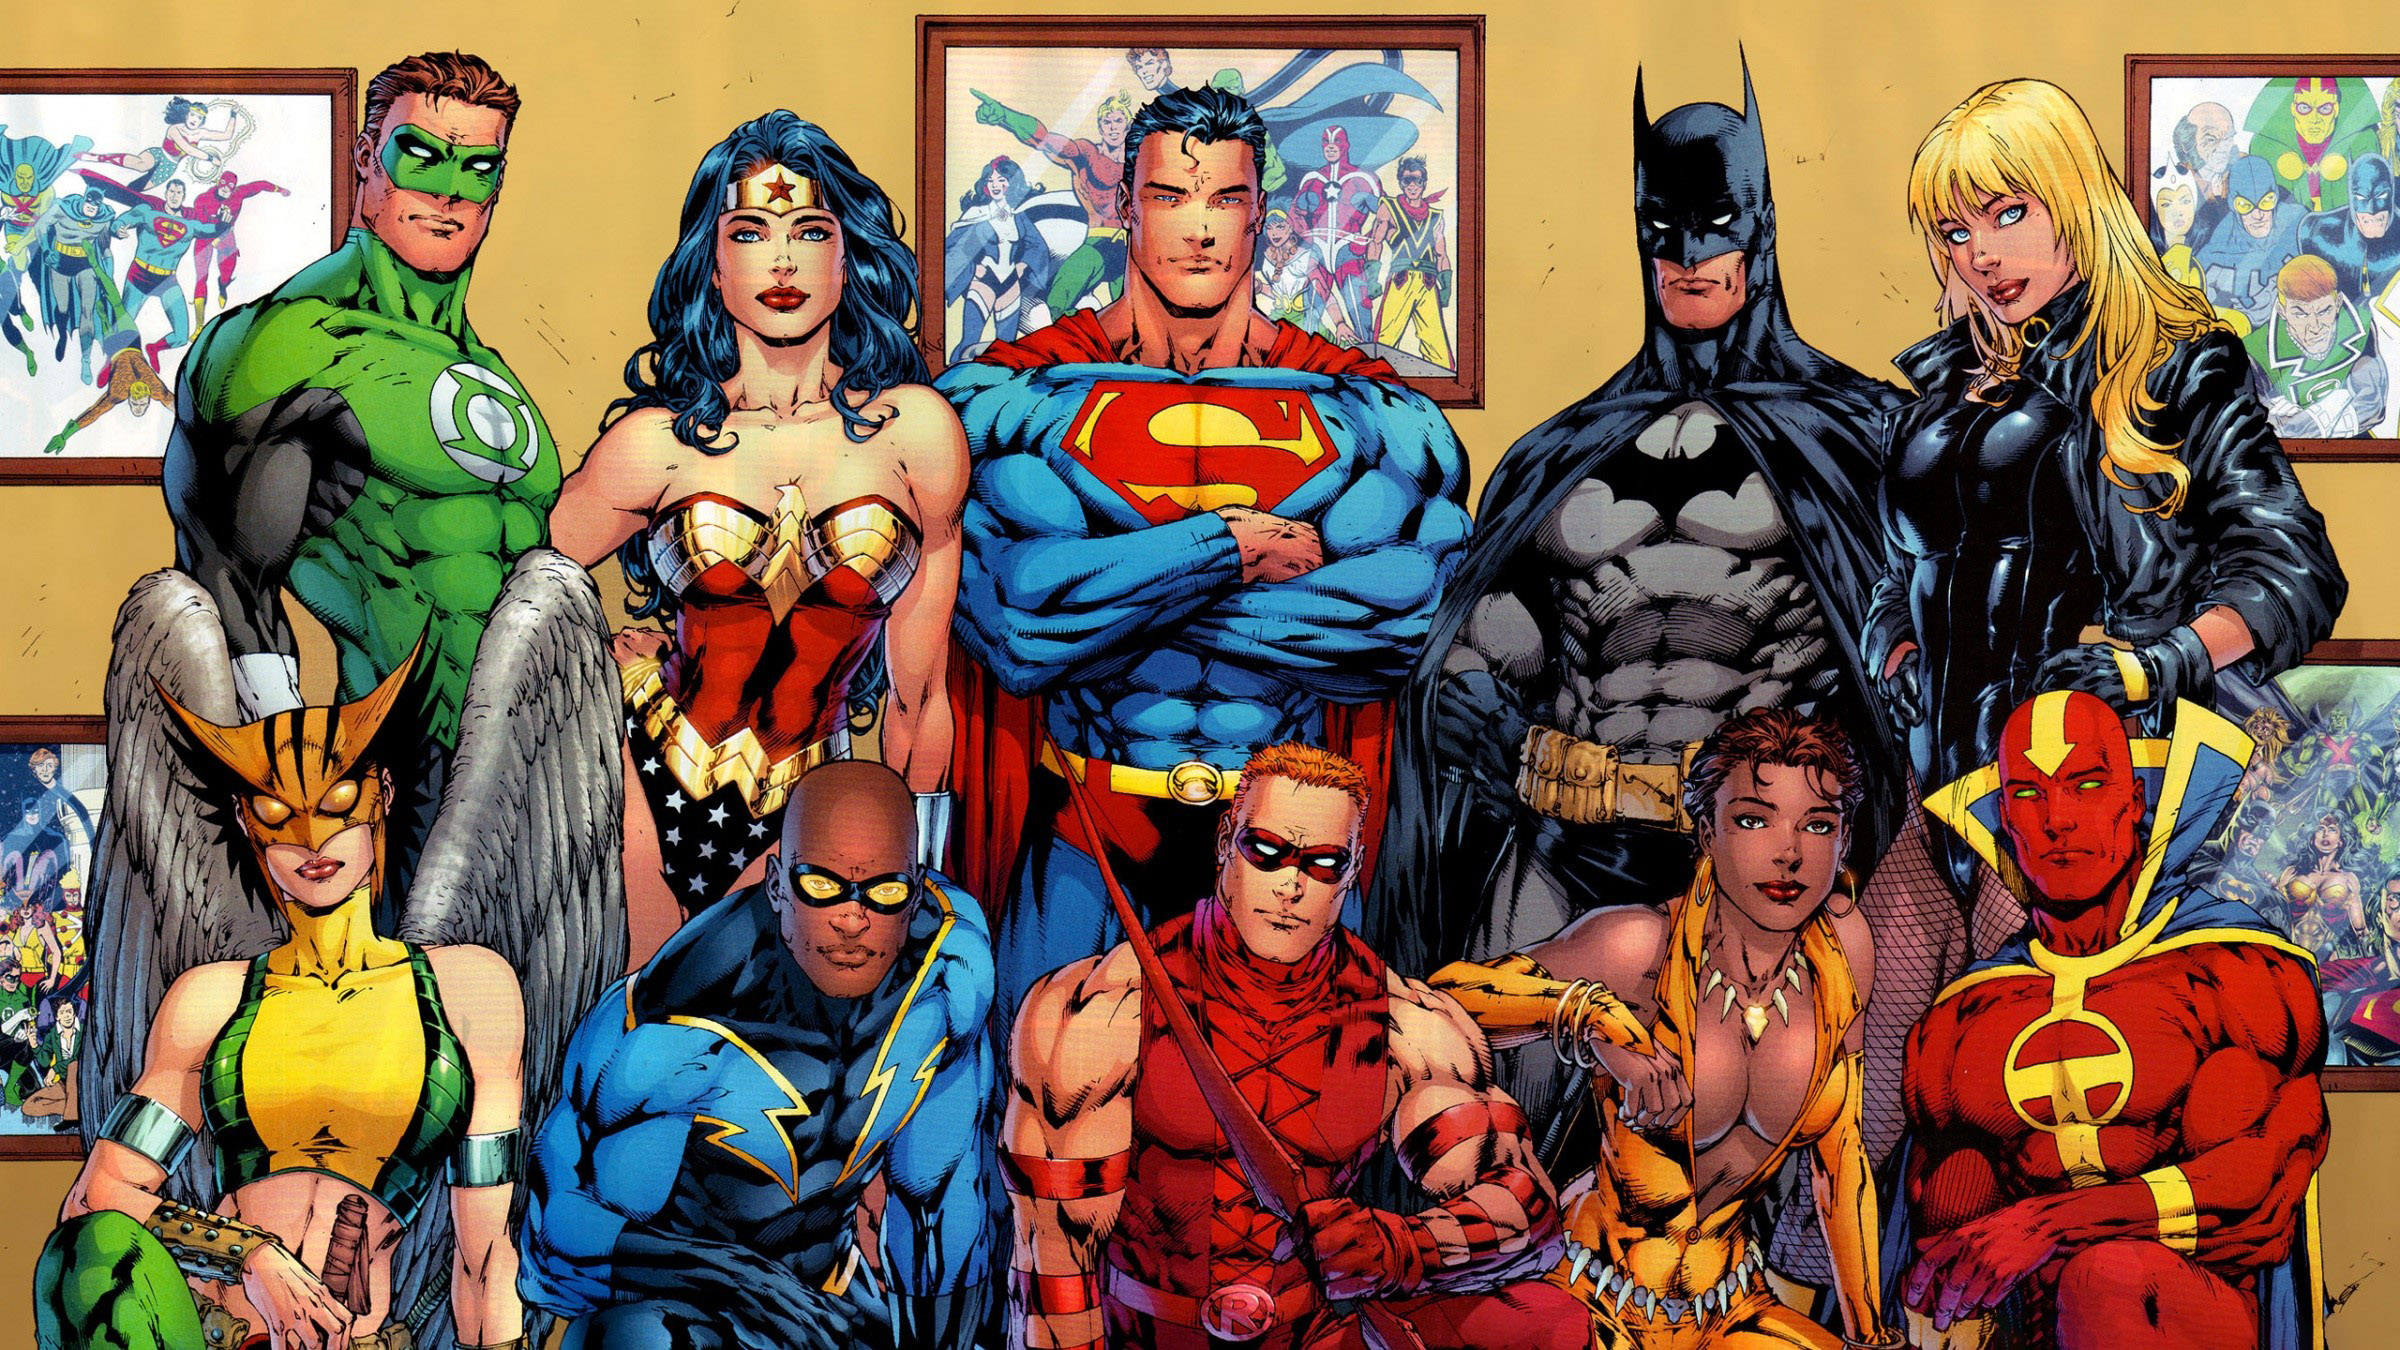 Fondo de pantalla de Superheroes de DC Comics Imágenes